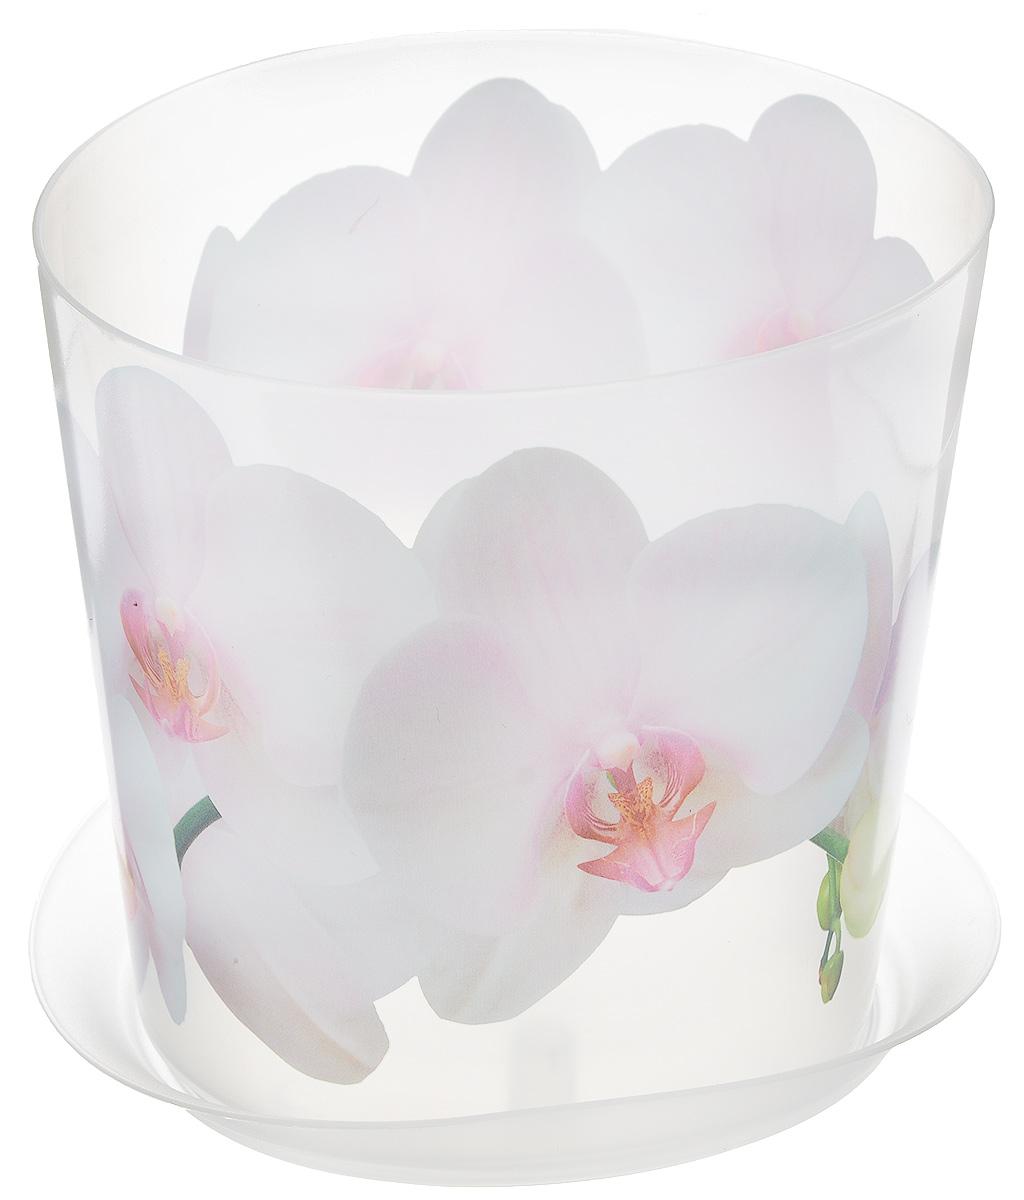 Кашпо Idea Деко, с подставкой, цвет: прозрачный, белый, 1,2 л кашпо idea верона с подставкой цвет белый диаметр 18 см